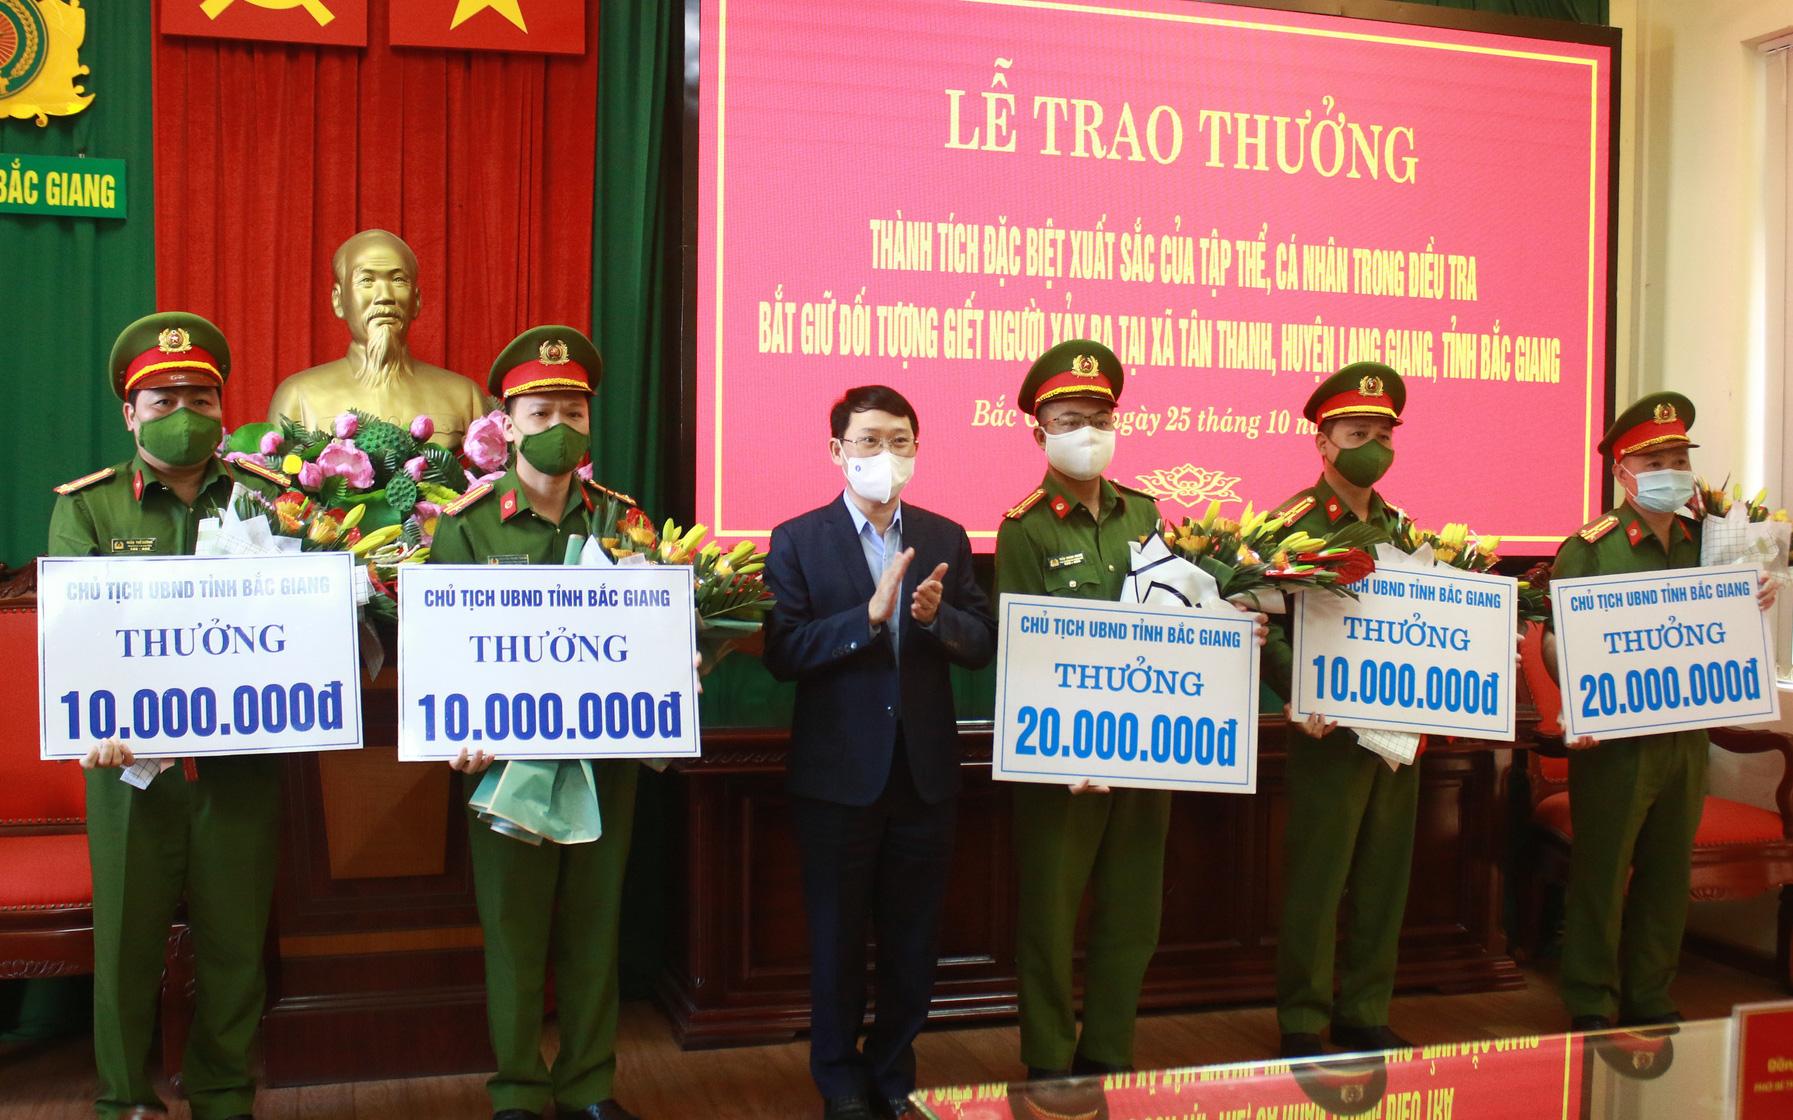 Khen thưởng Ban chuyên án vụ truy bắt kẻ sát hại 3 người thân tại Bắc Giang